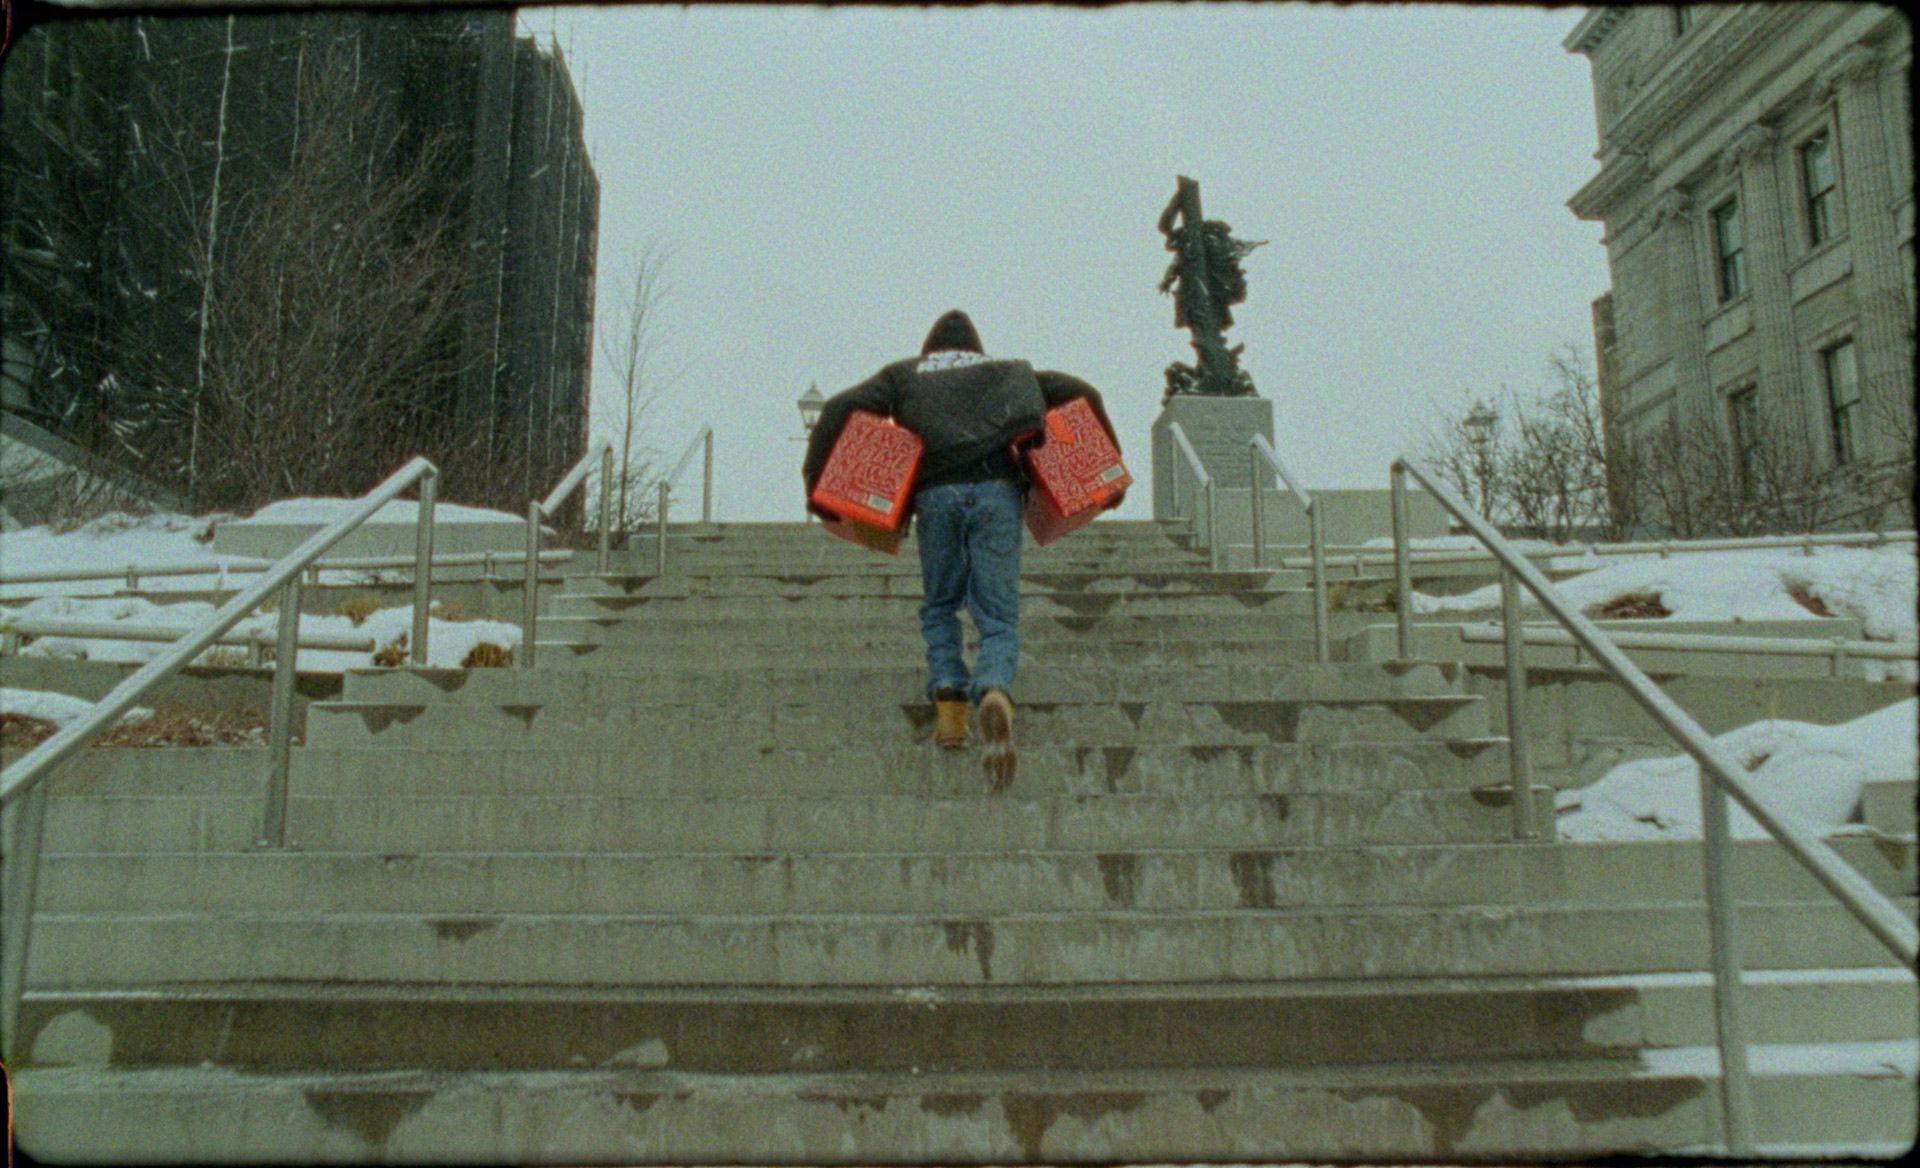 Homme montant un escalier extérieur en hiver à Montréal avec un peu de neige et deux caisses de Havana Club édition limitée sous chaque bras.